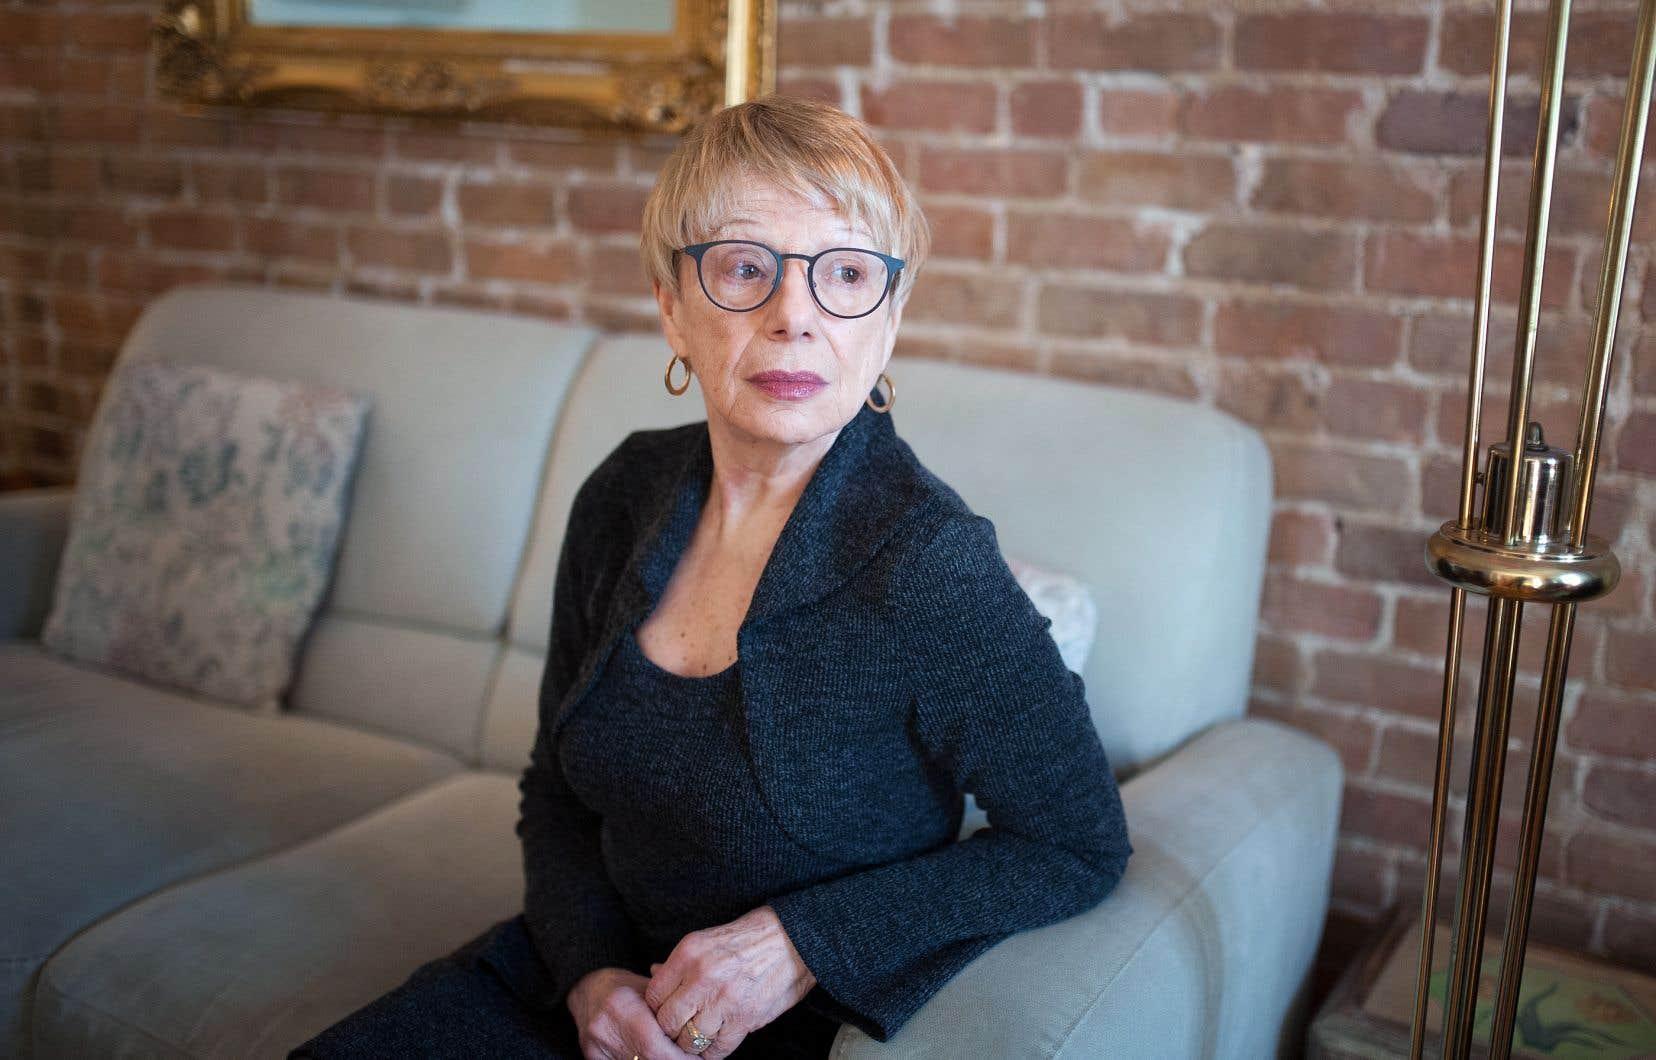 L'auteure révèle l'écriture engagée d'une féministe lucide dont les exigences littéraires donnent à sa subjectivité une force de frappe redoutable.